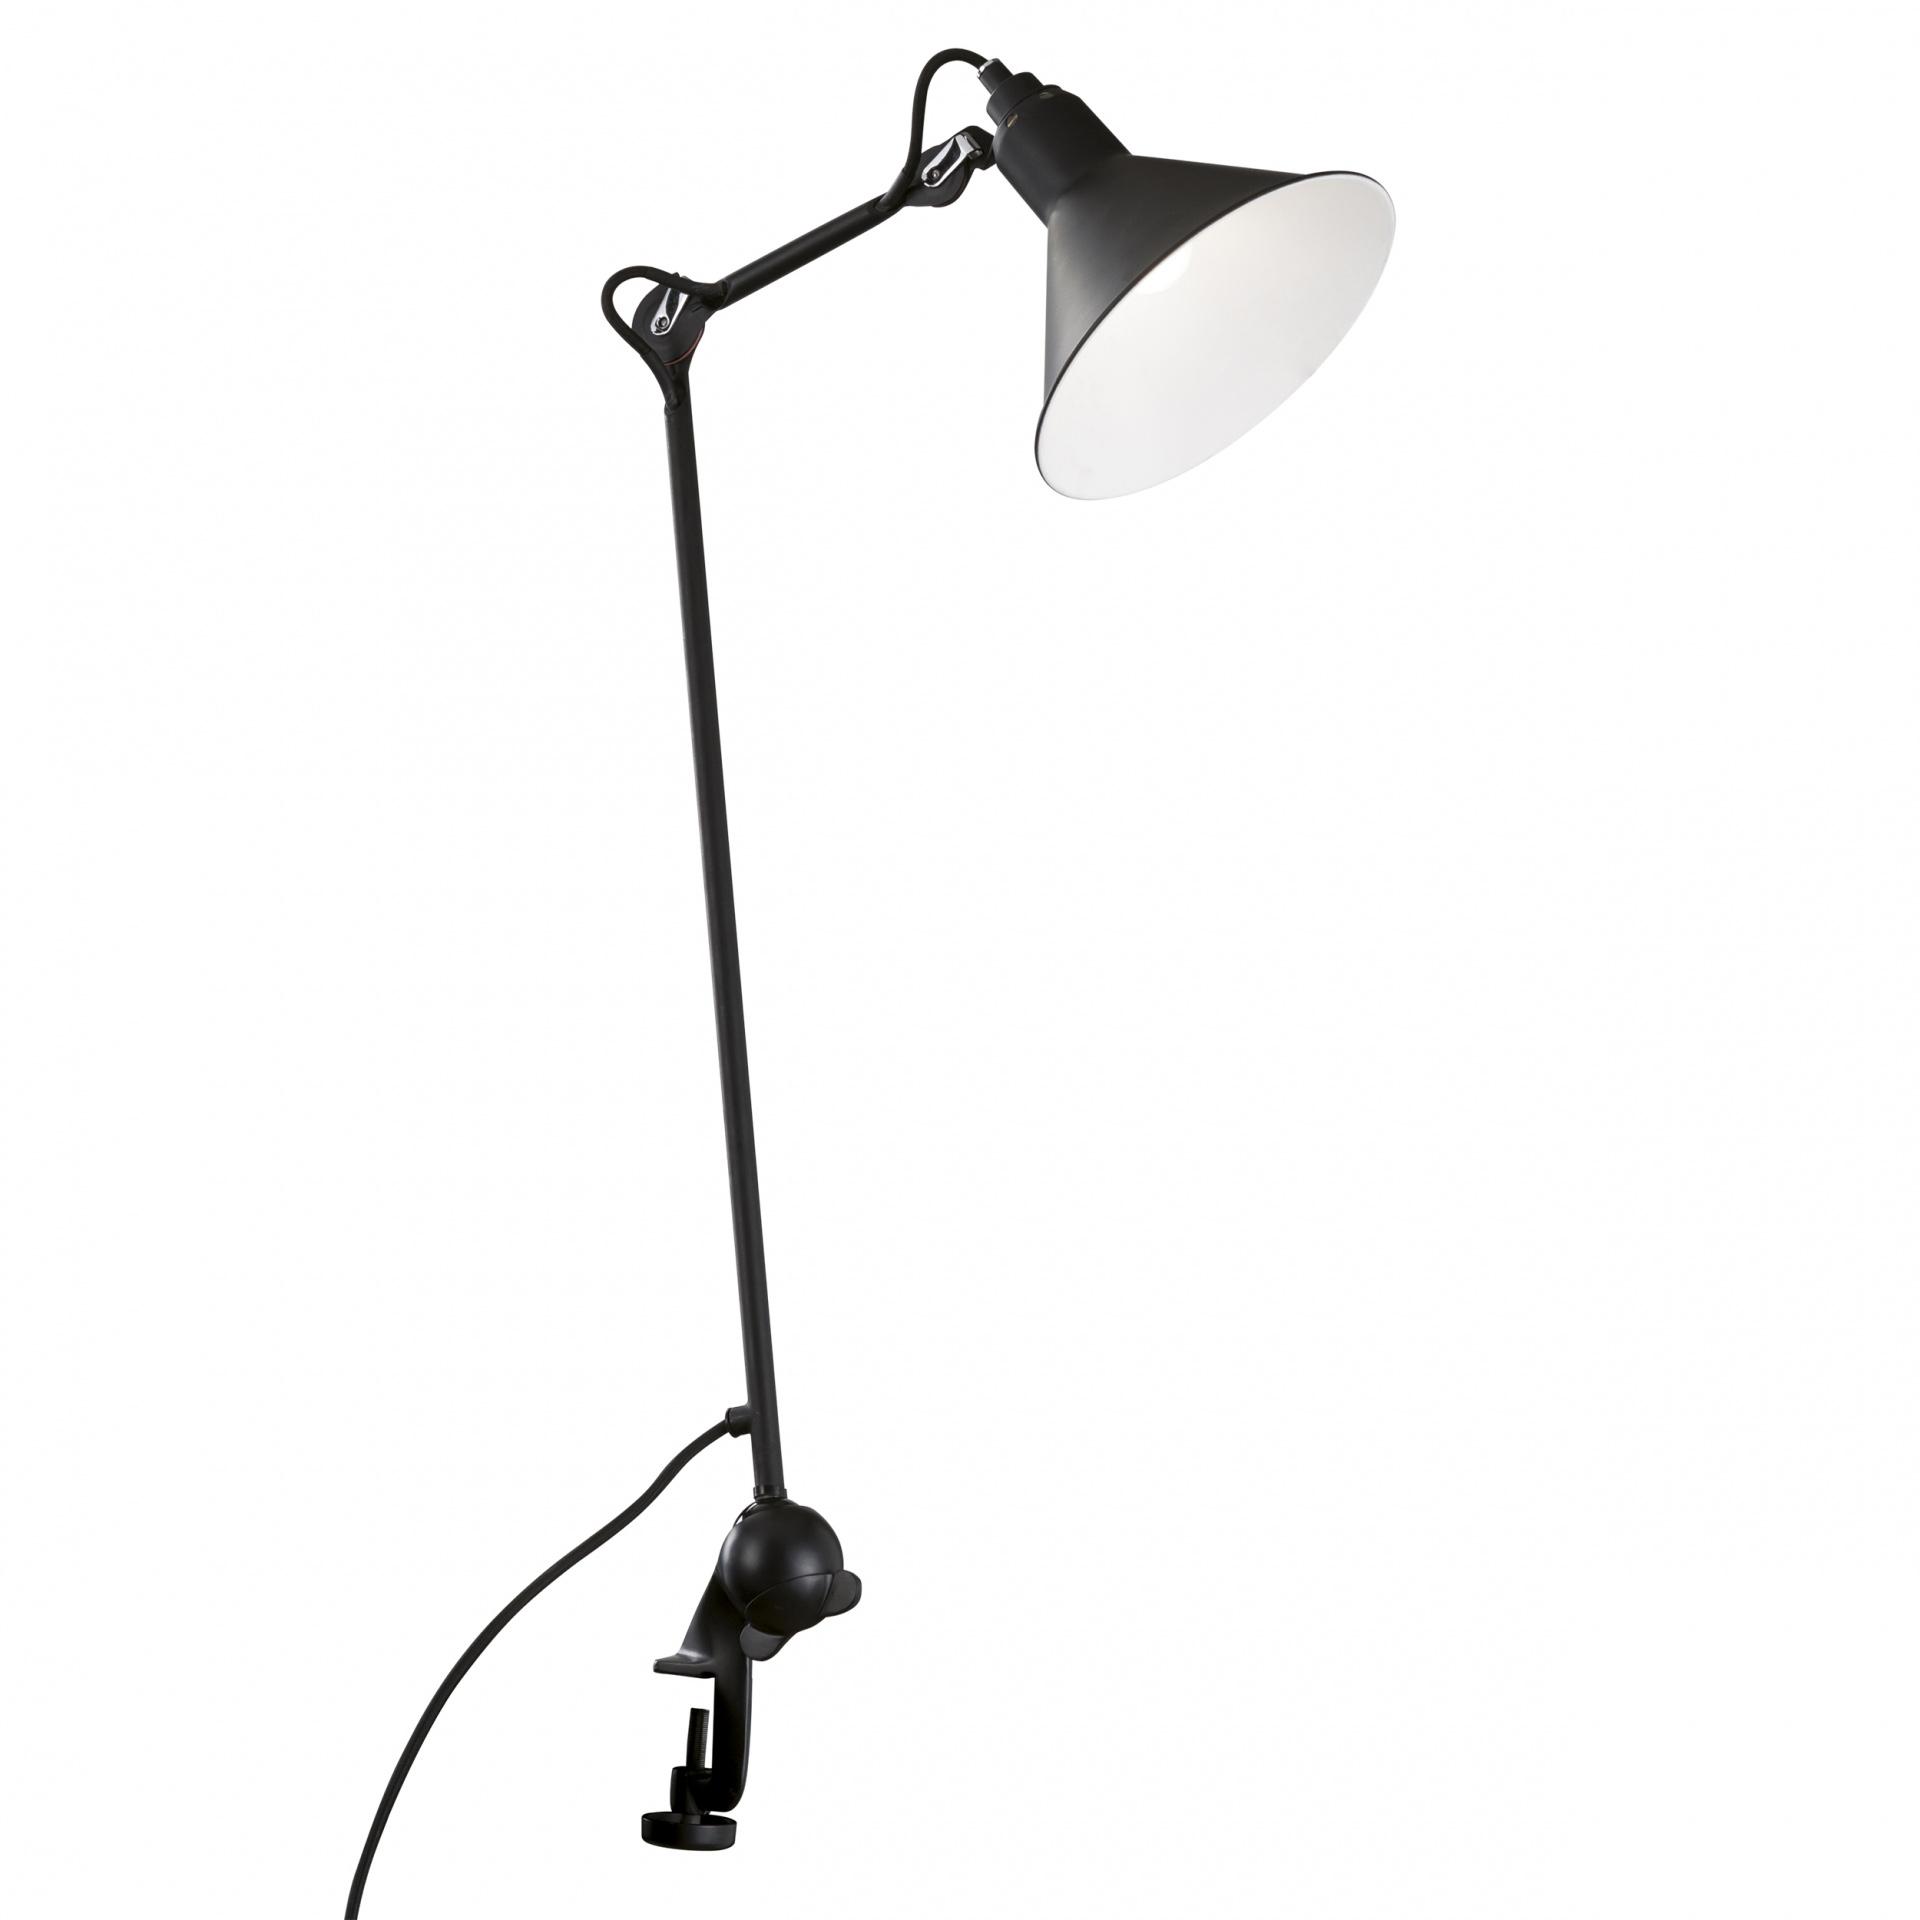 Настольная лампа Loft 1х40W E14 черный Lightstar 765927, купить в СПб, Москве, с доставкой, Санкт-Петербург, интернет-магазин люстр и светильников Starlight, фото в жизни